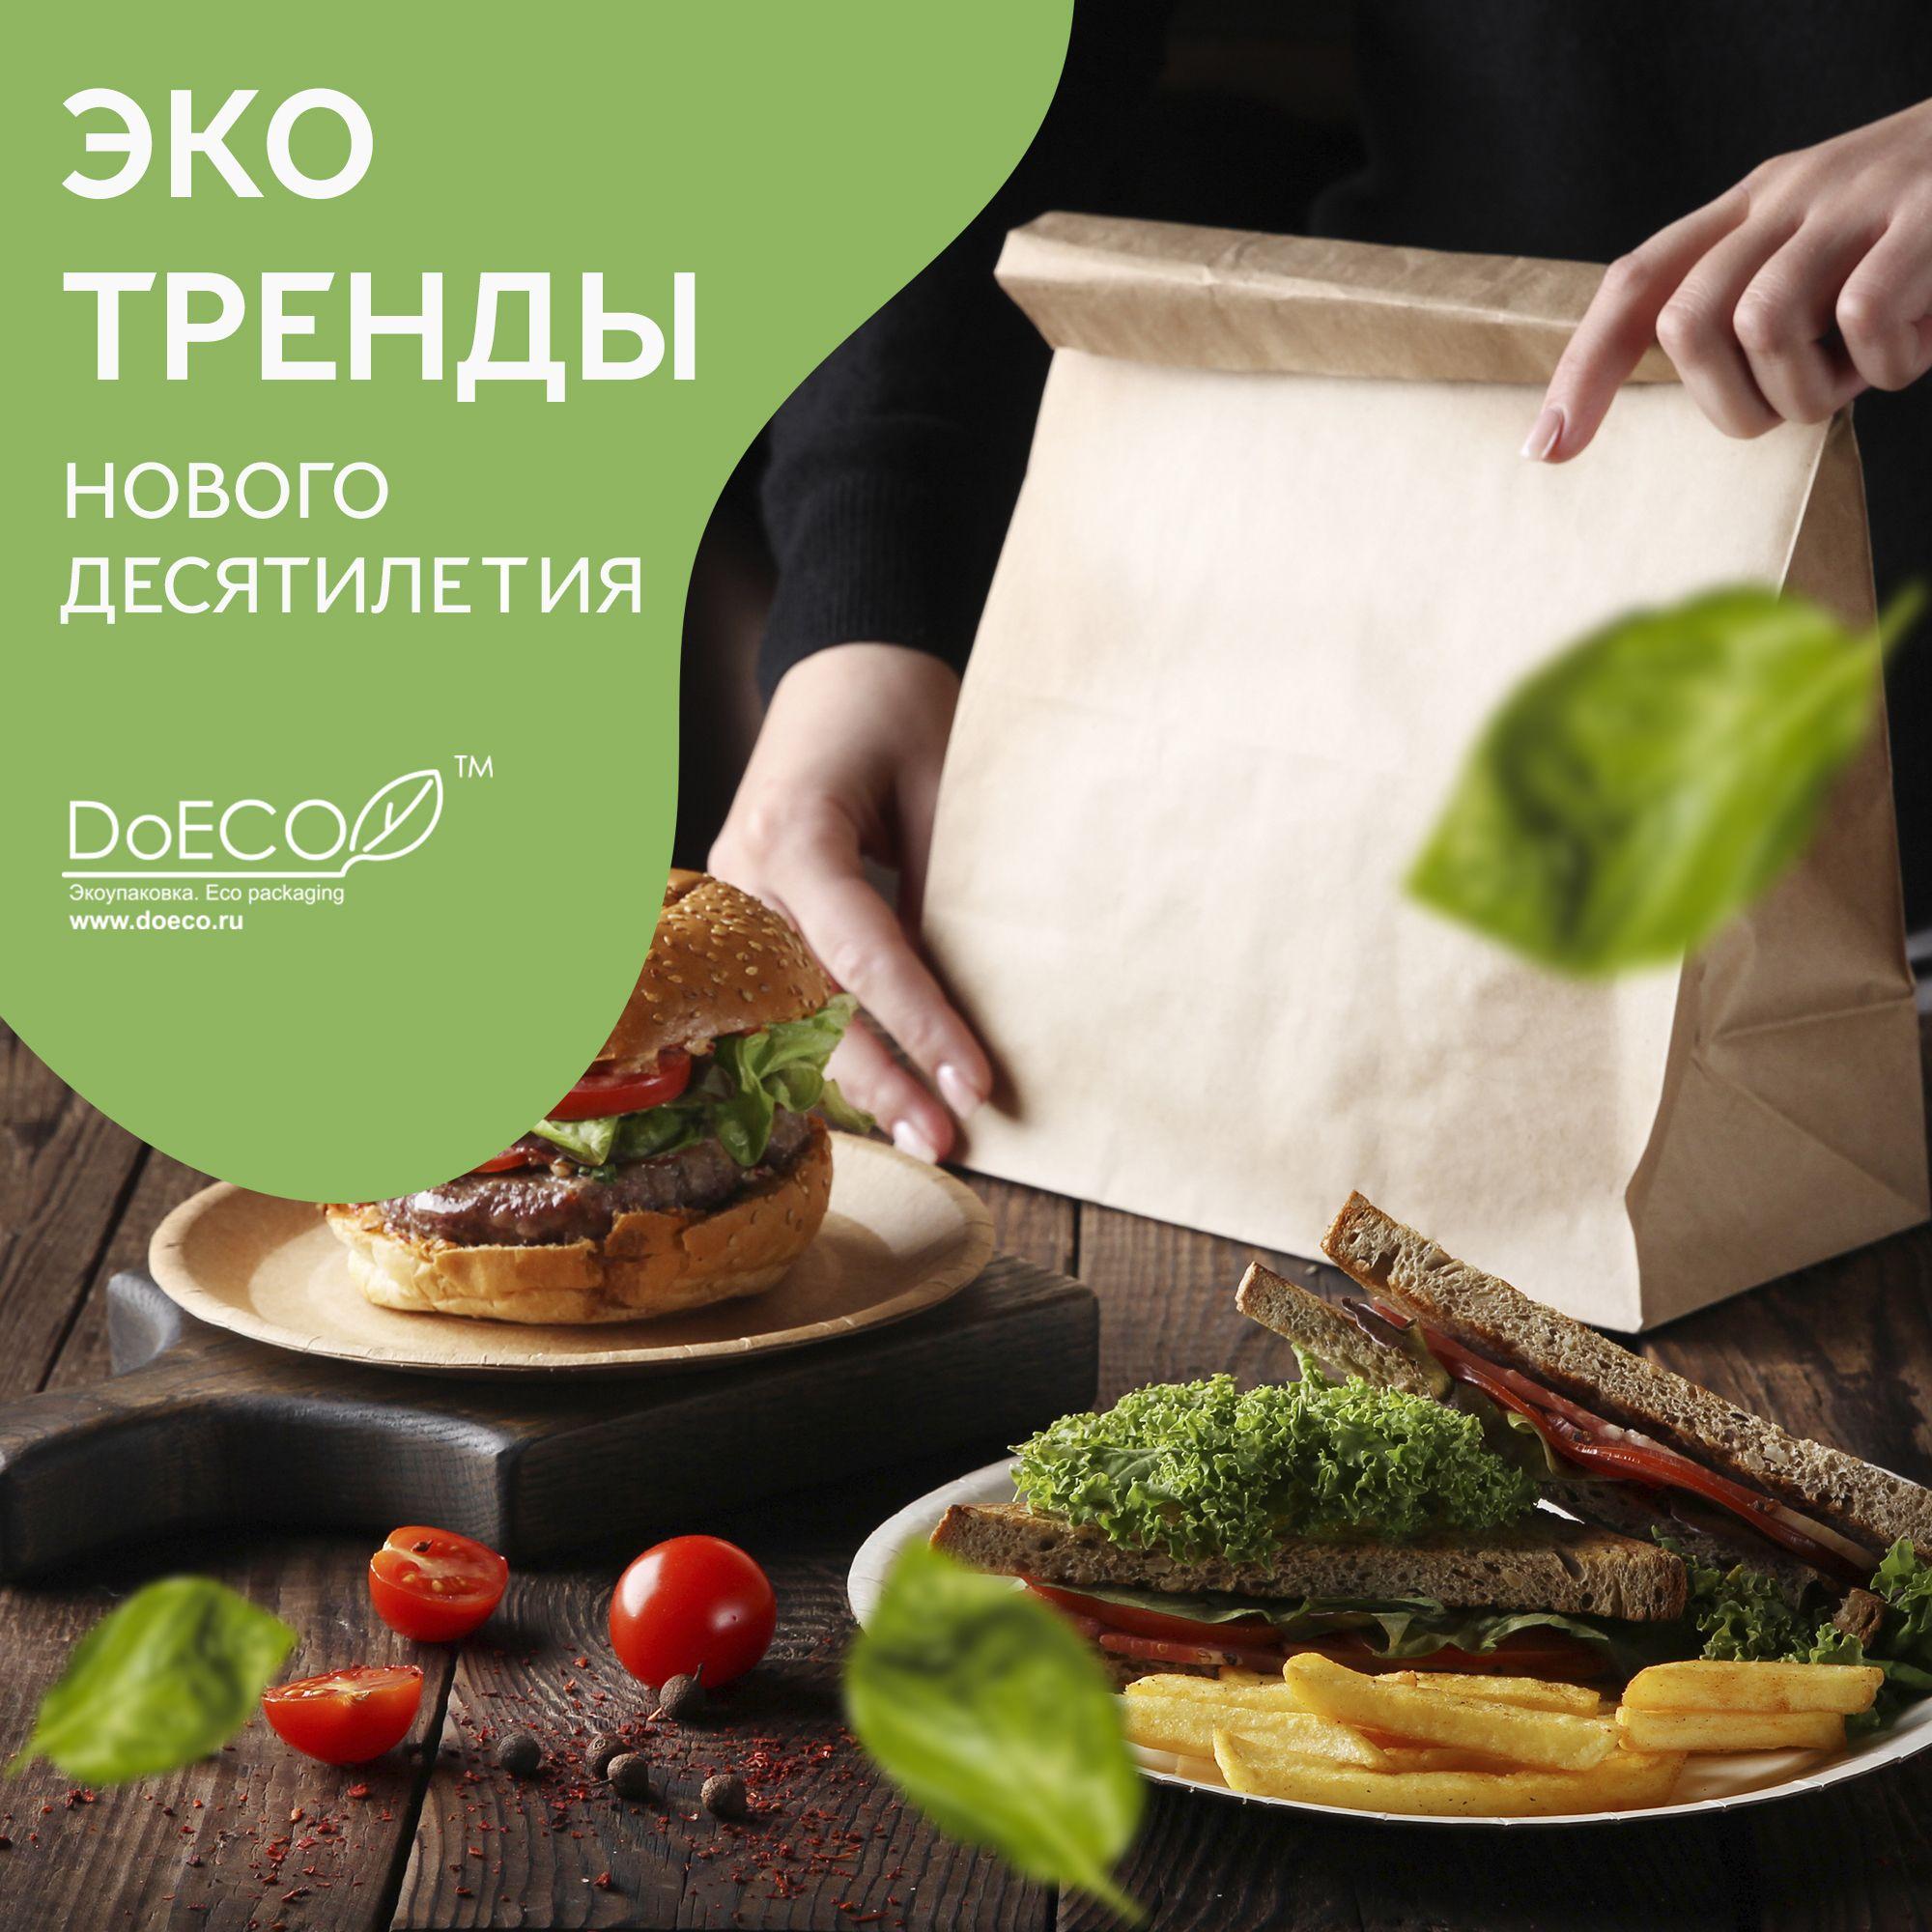 Компания DoEco – ведущий производитель эко-упаковок для еды